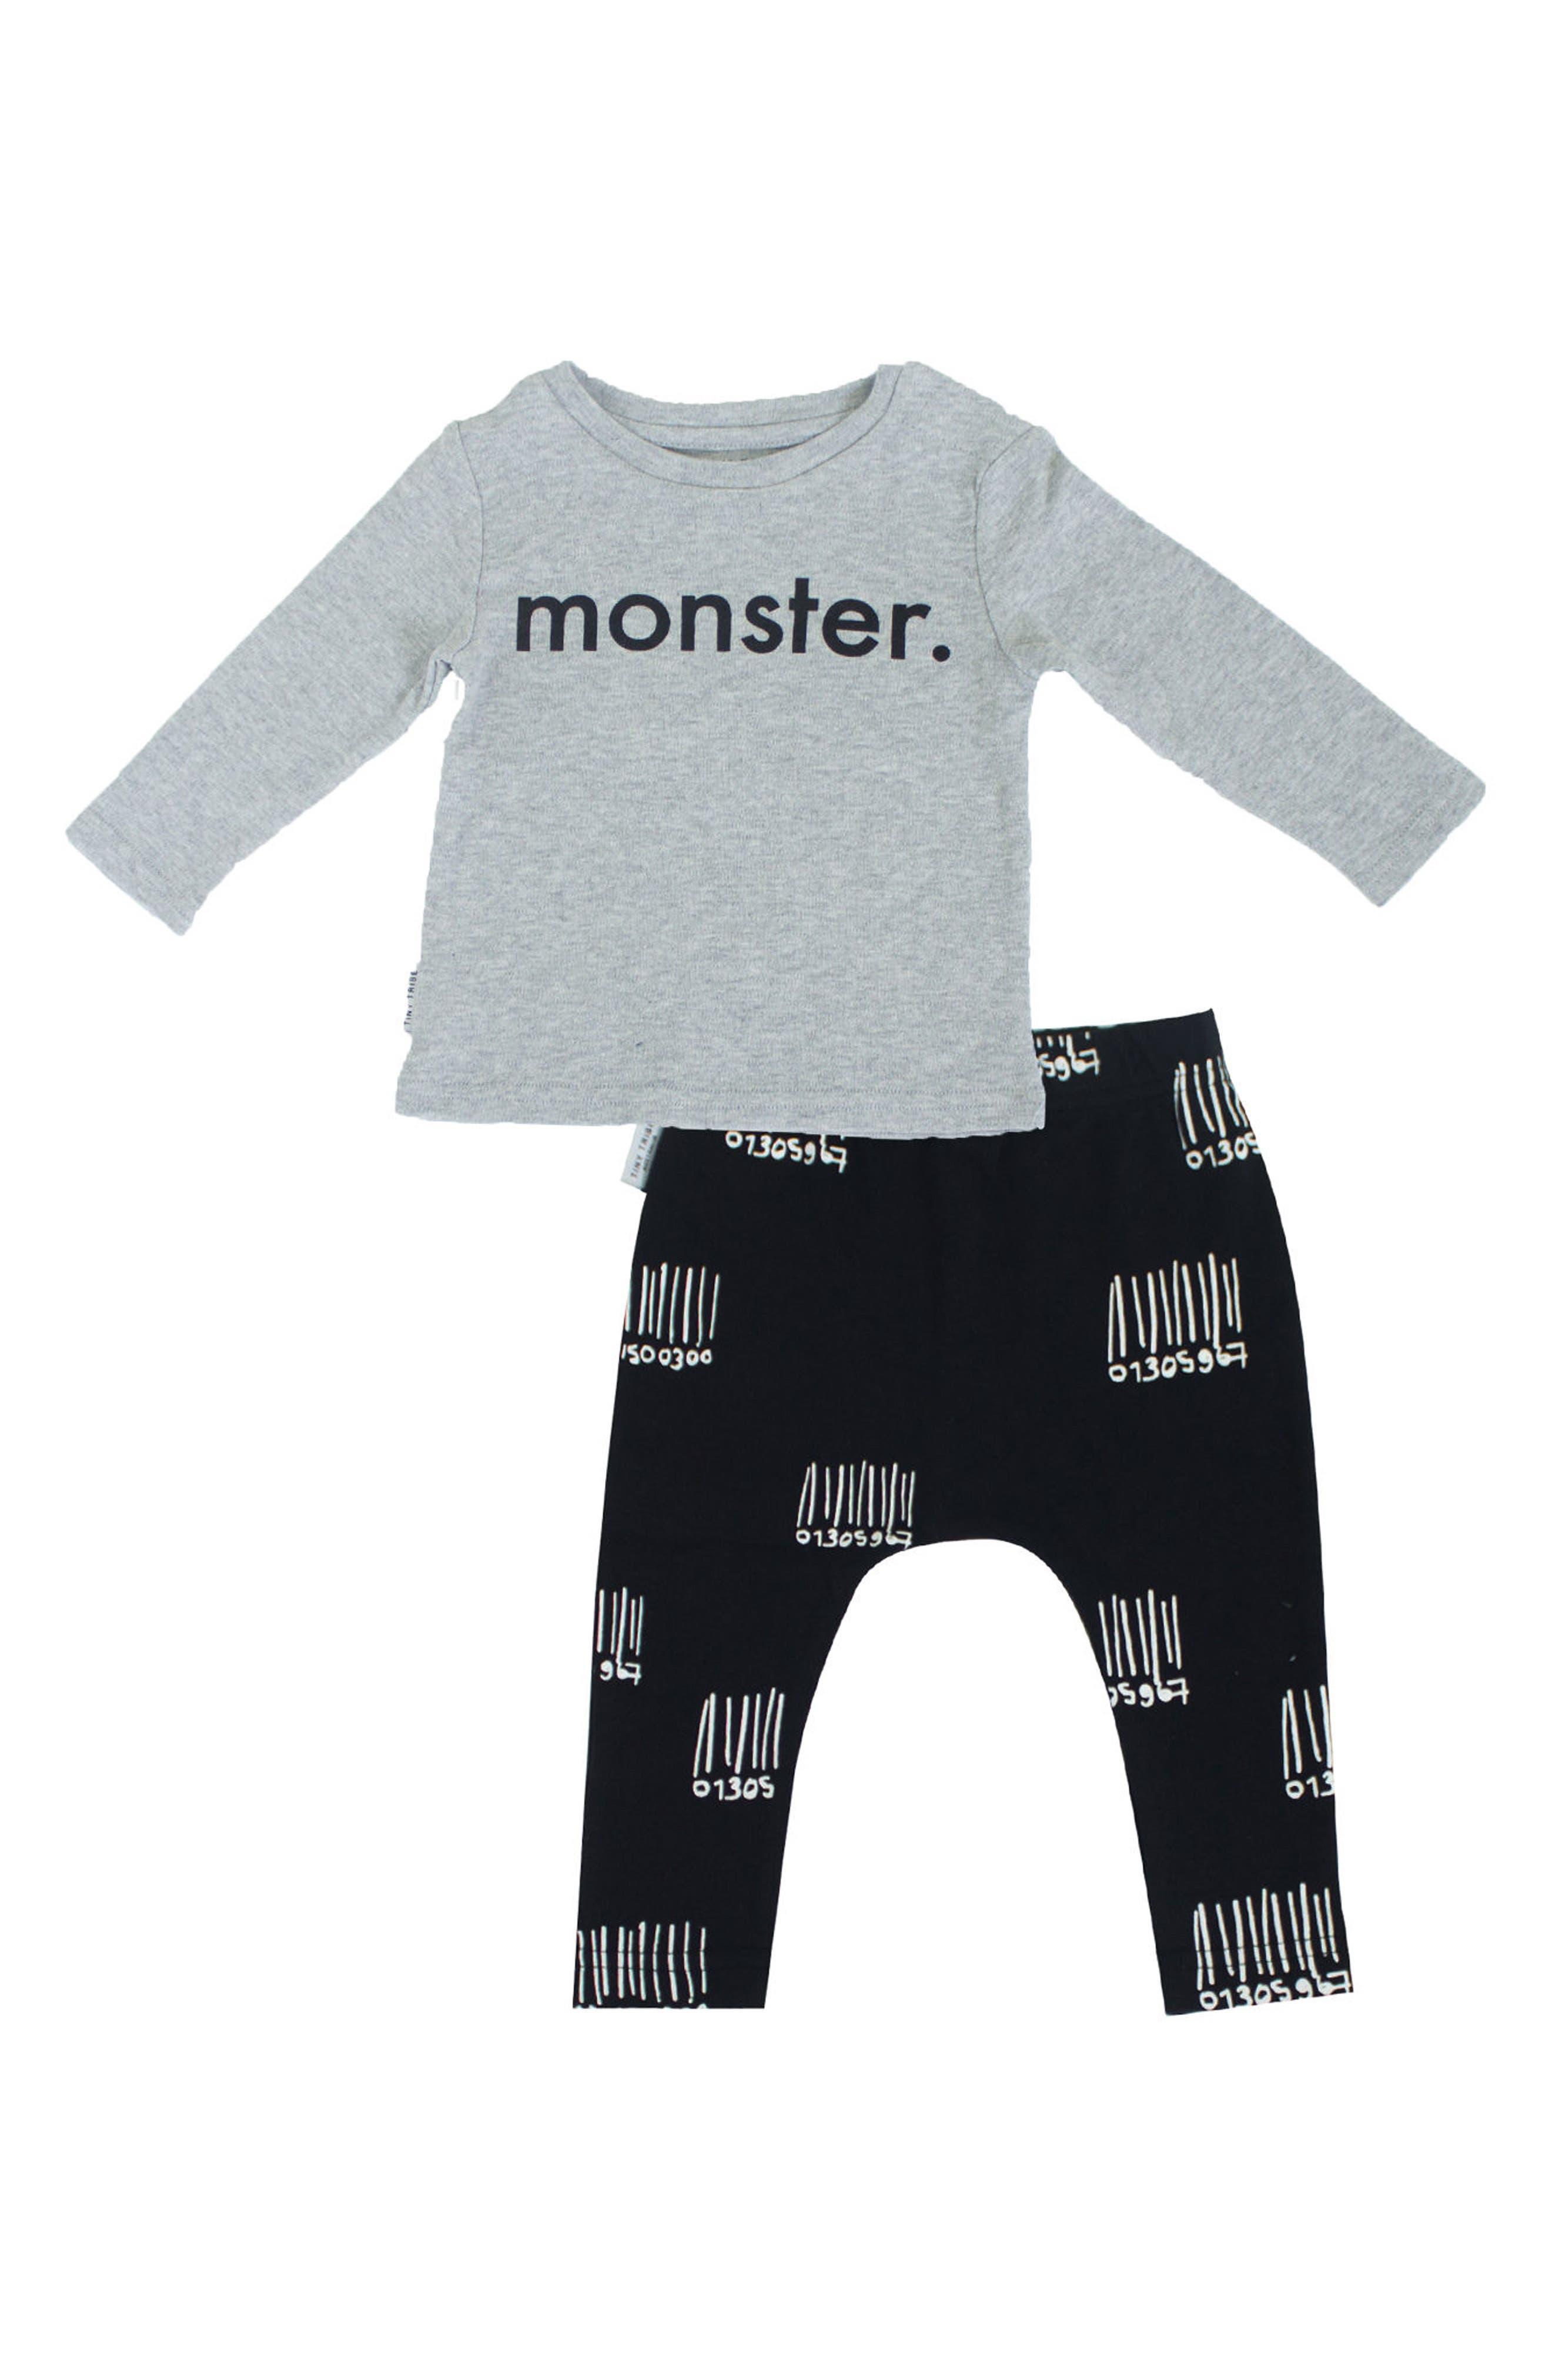 Main Image - Tiny Tribe Monster T-Shirt & Leggings Set (Baby & Toddler)